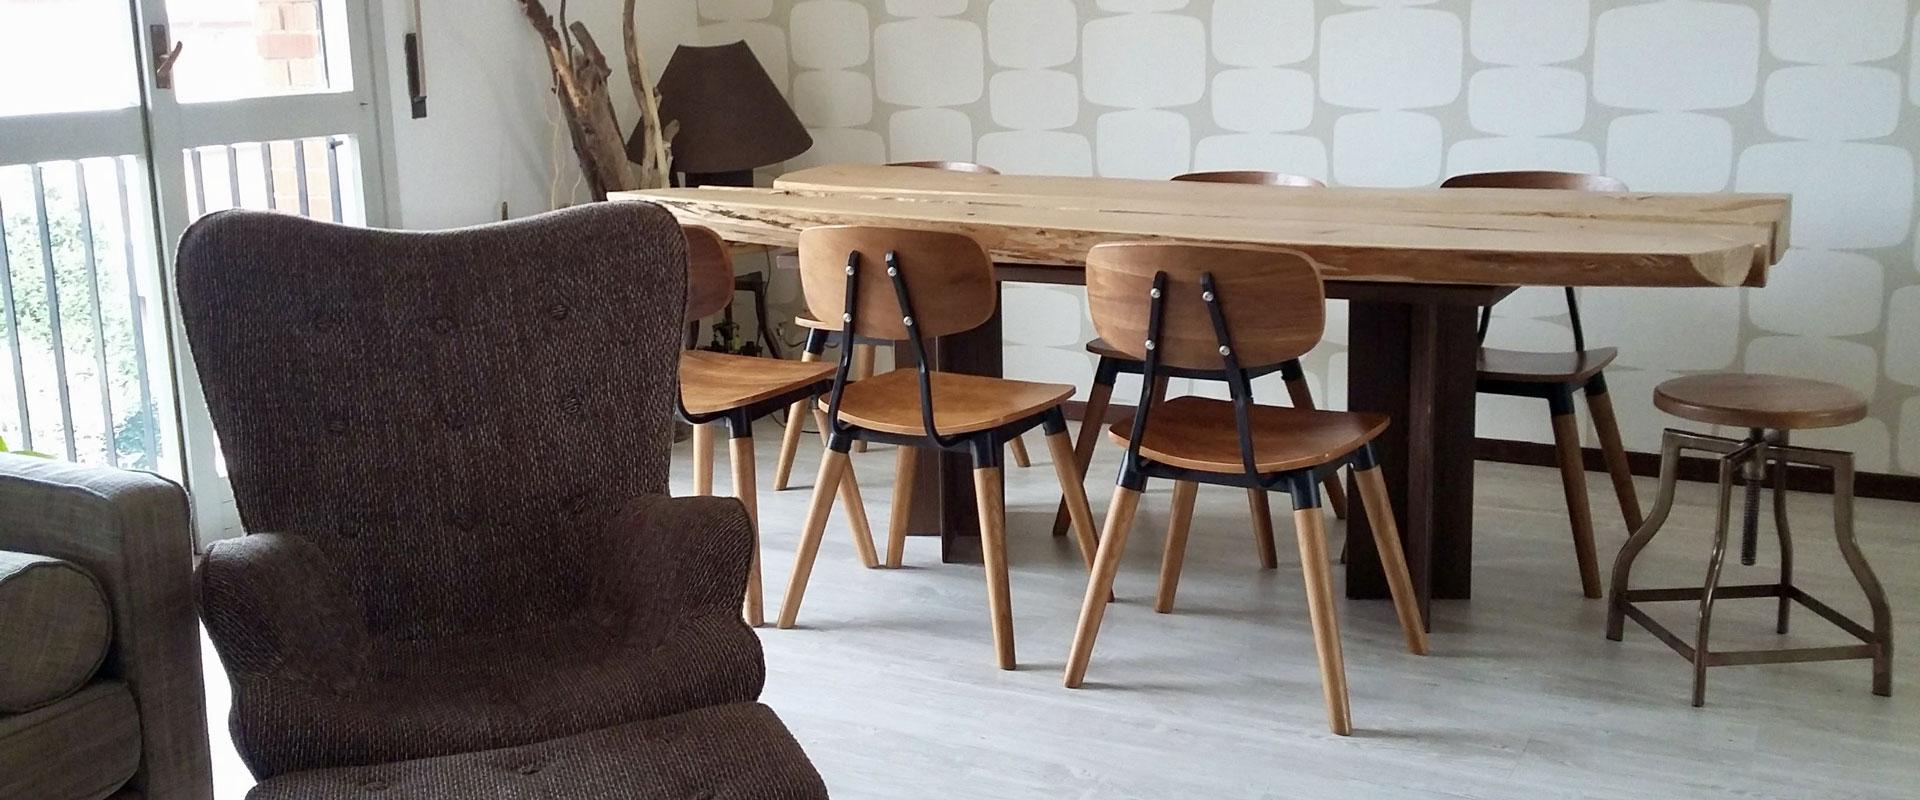 Esposizione di un grande tavolo con le sedie in legno